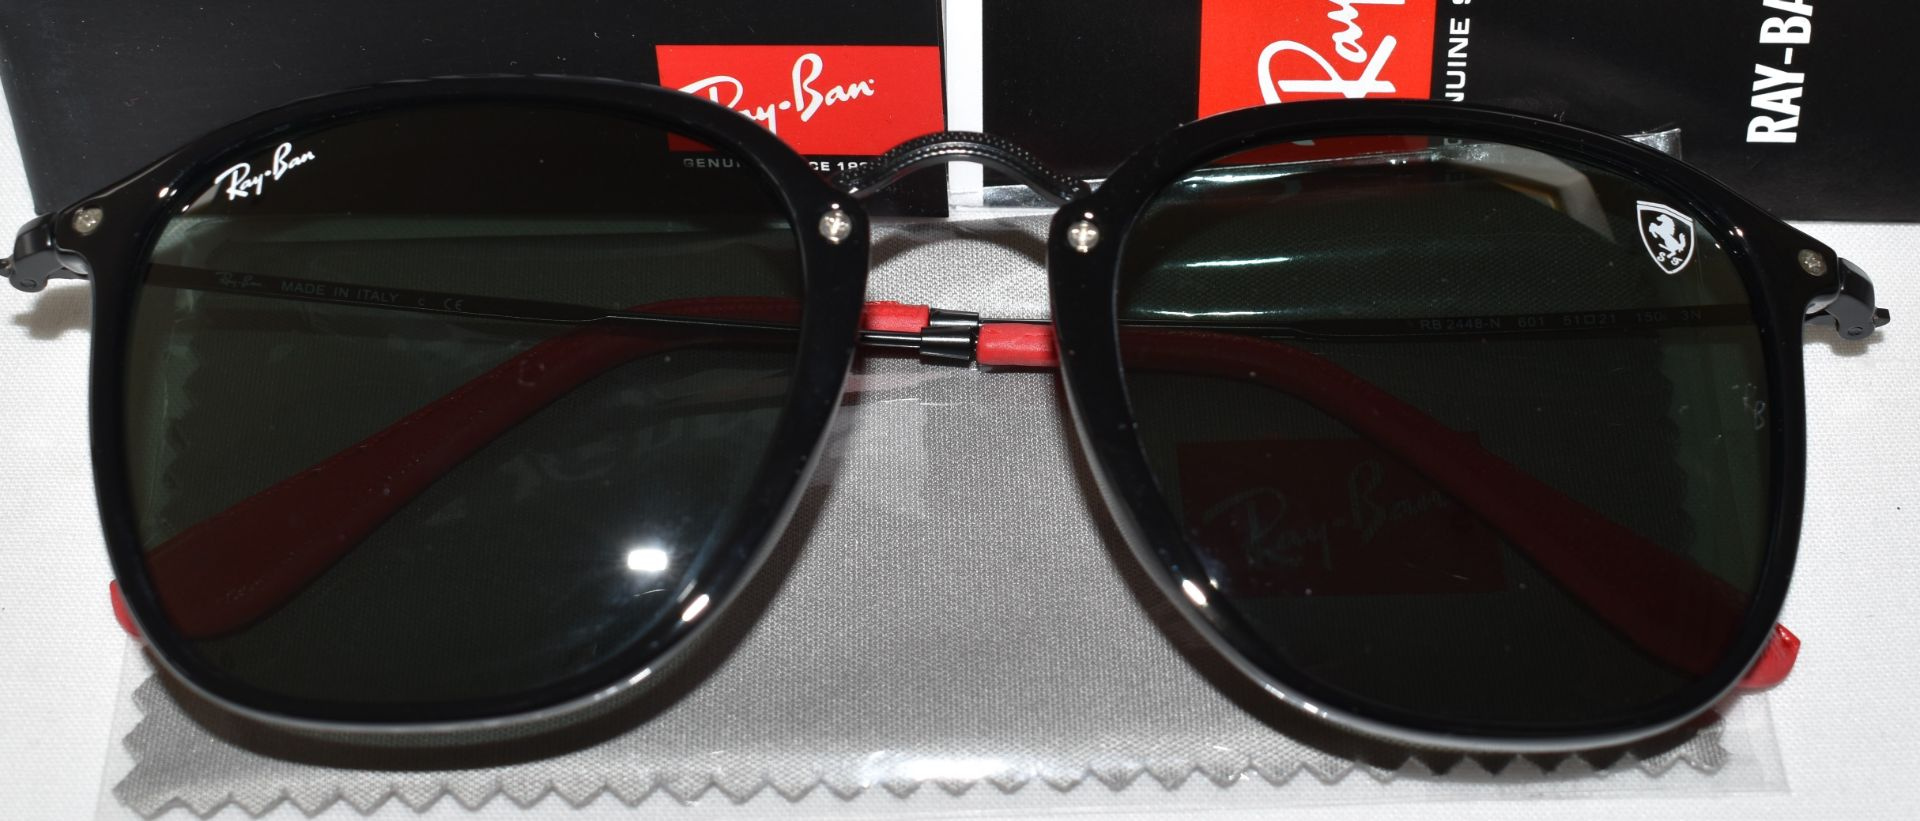 Ray Ban Sunglasses(Ferrari) ORB2448N 601 *3N - Image 2 of 4